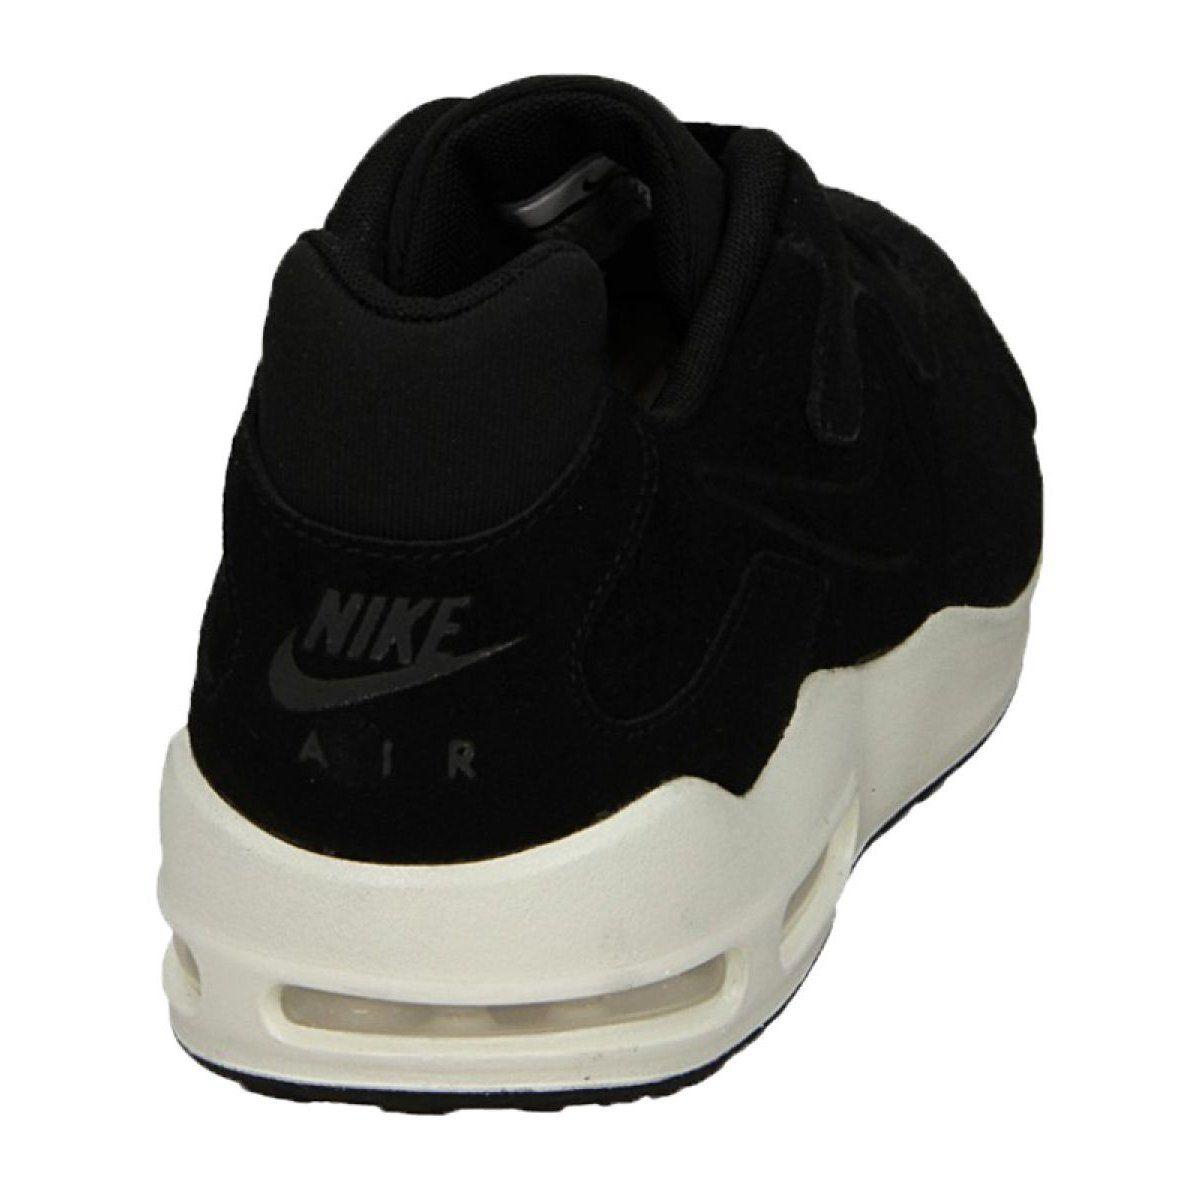 Nike Air Max Prime (876068 001)